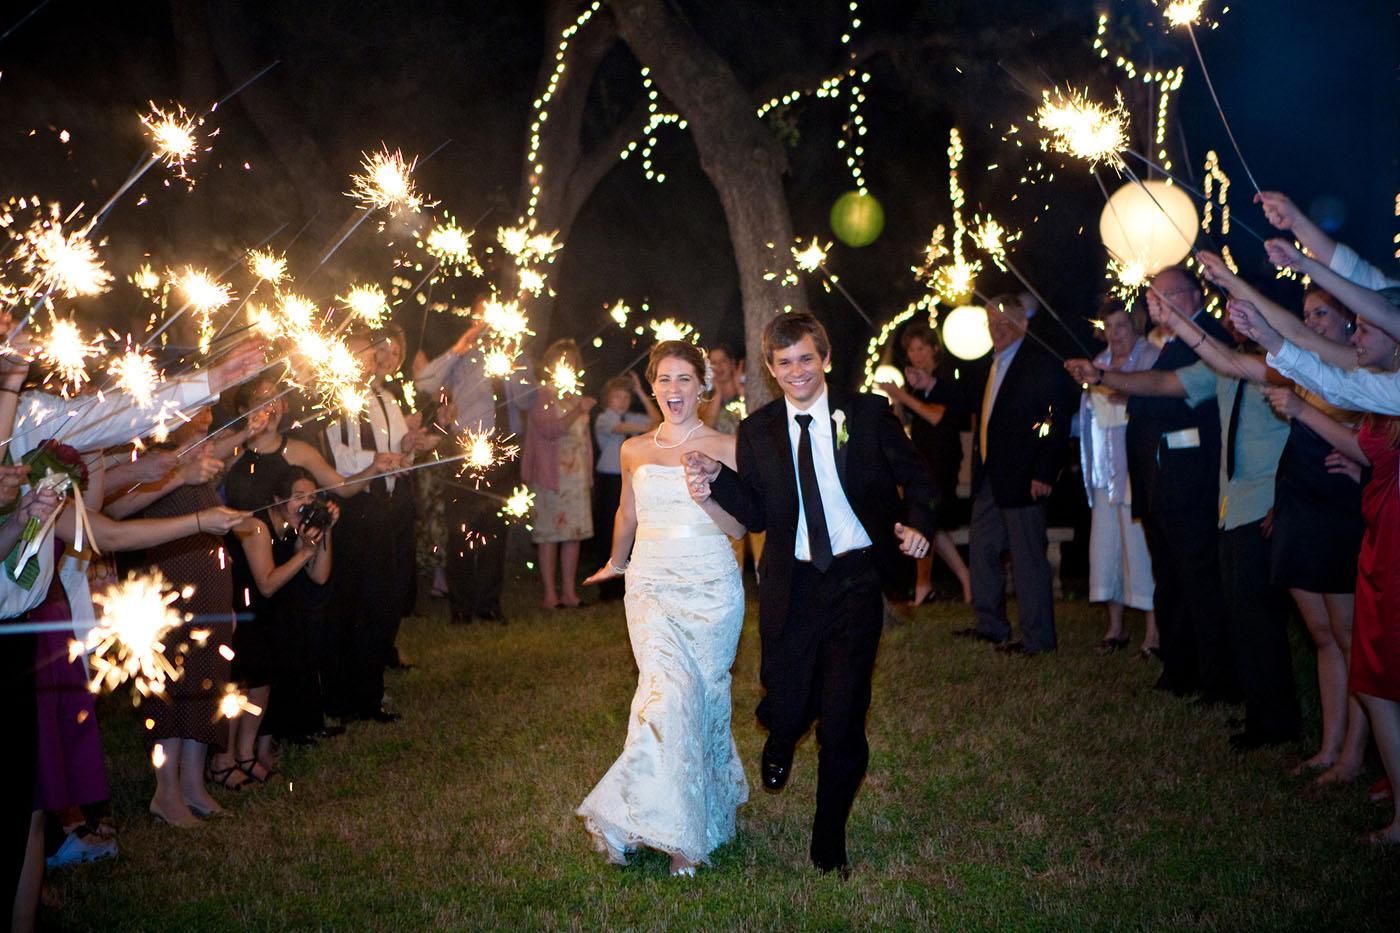 Austins Most Unique Wedding And Event Center